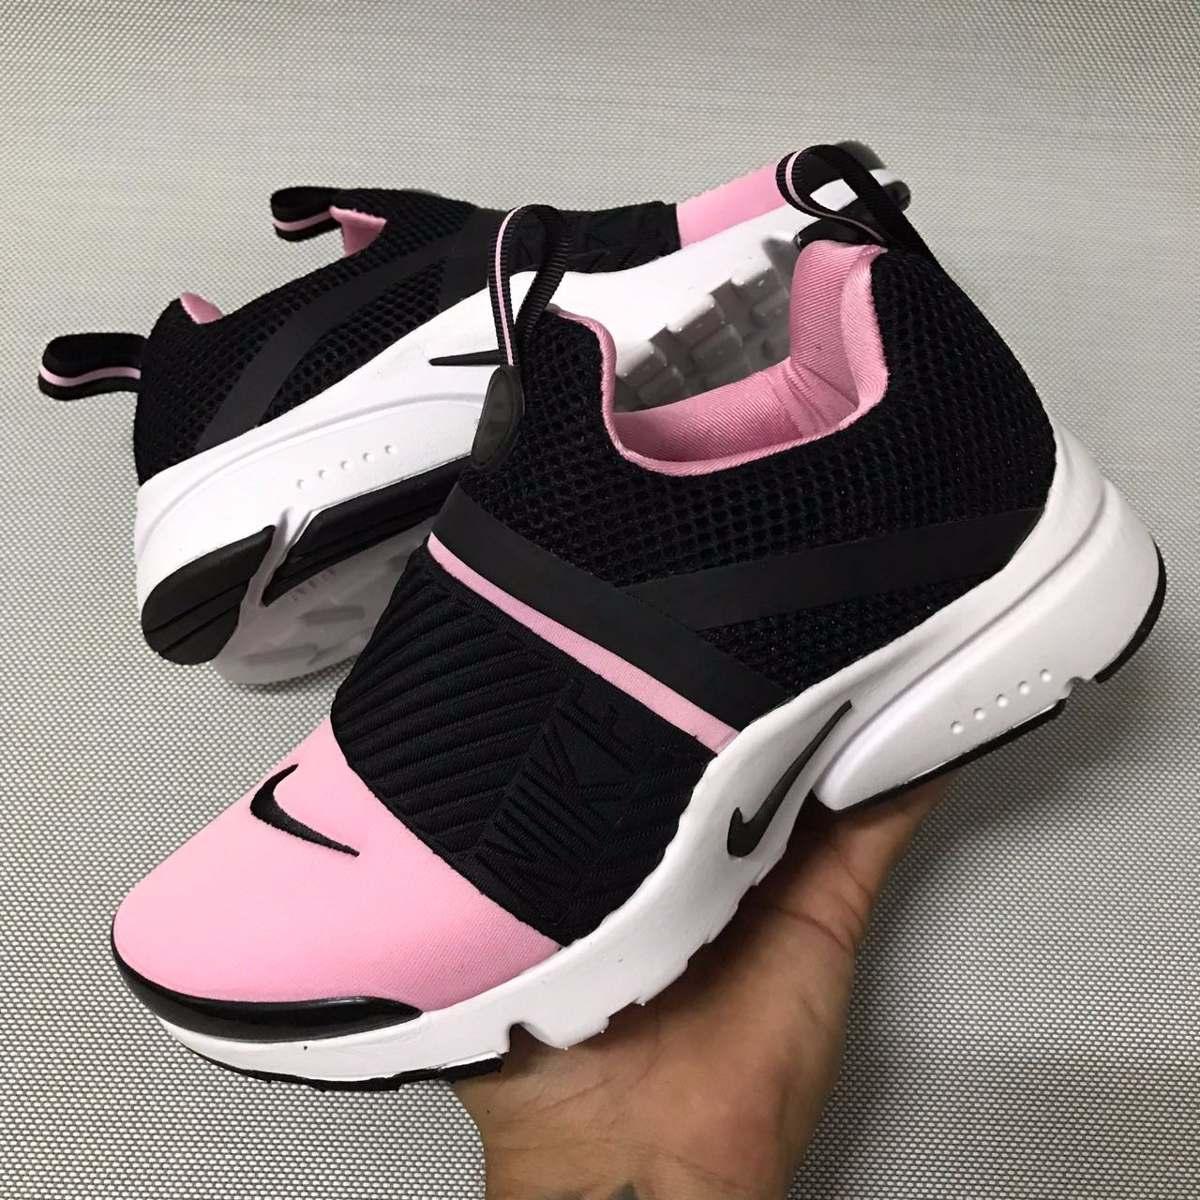 tenis zapatillas nike presto mujer c7c59a002de6f